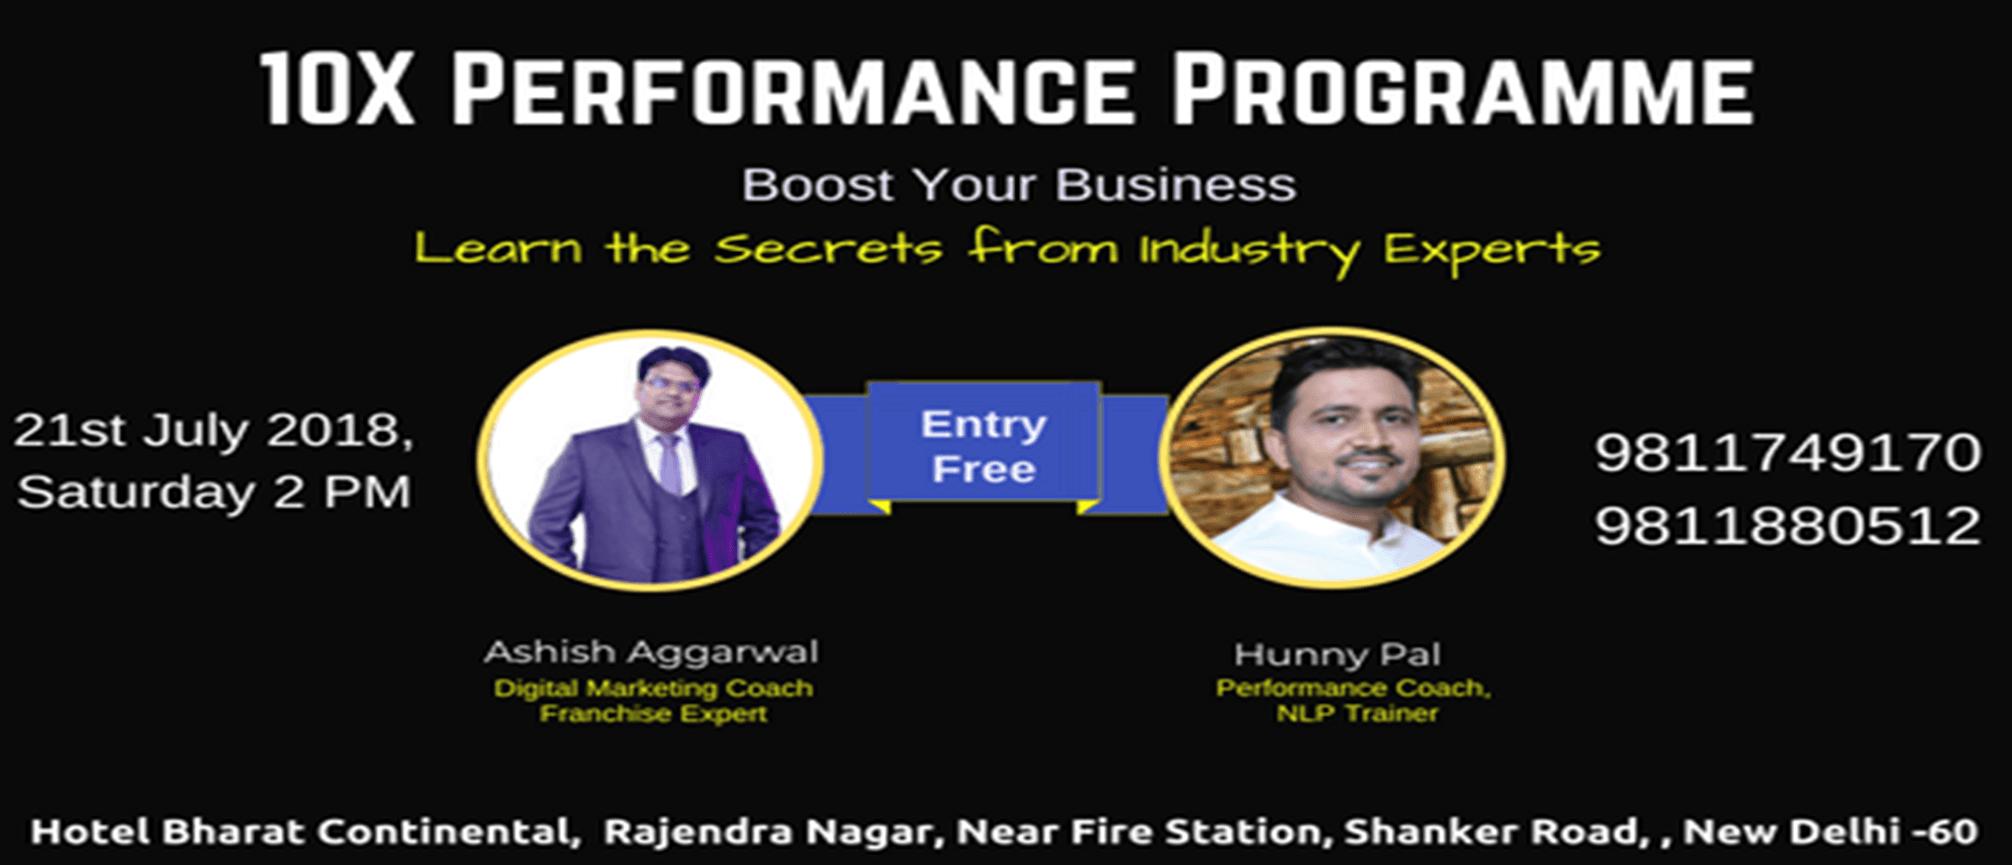 10x performance programme